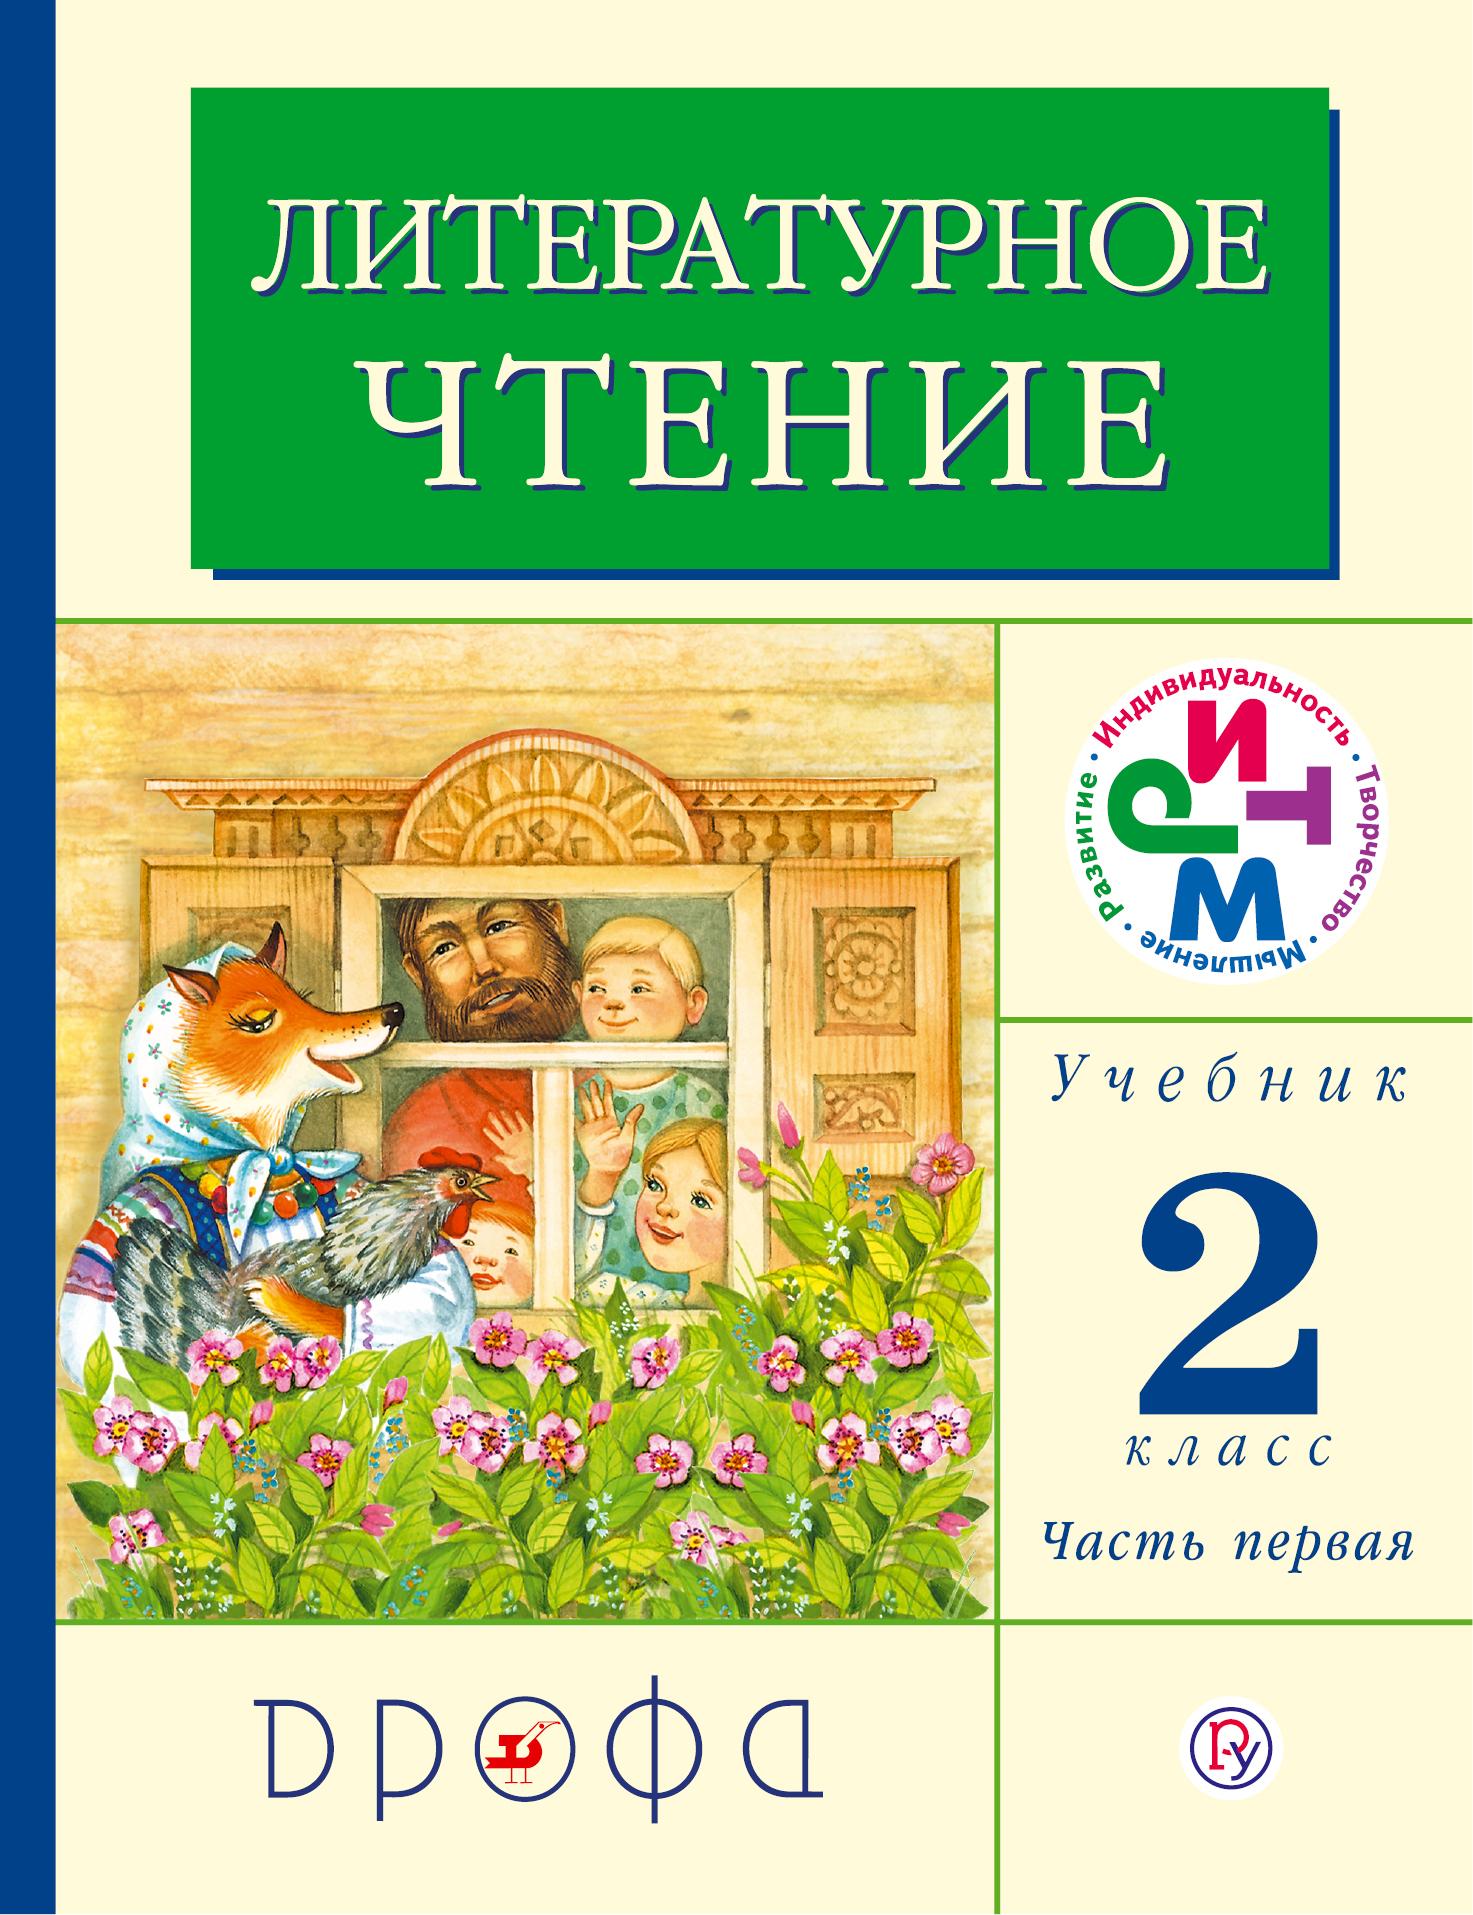 Литературное чтение. 2 класс. Учебник. Часть 1 ( Грехнева Г.М., Корепова К.Е.  )